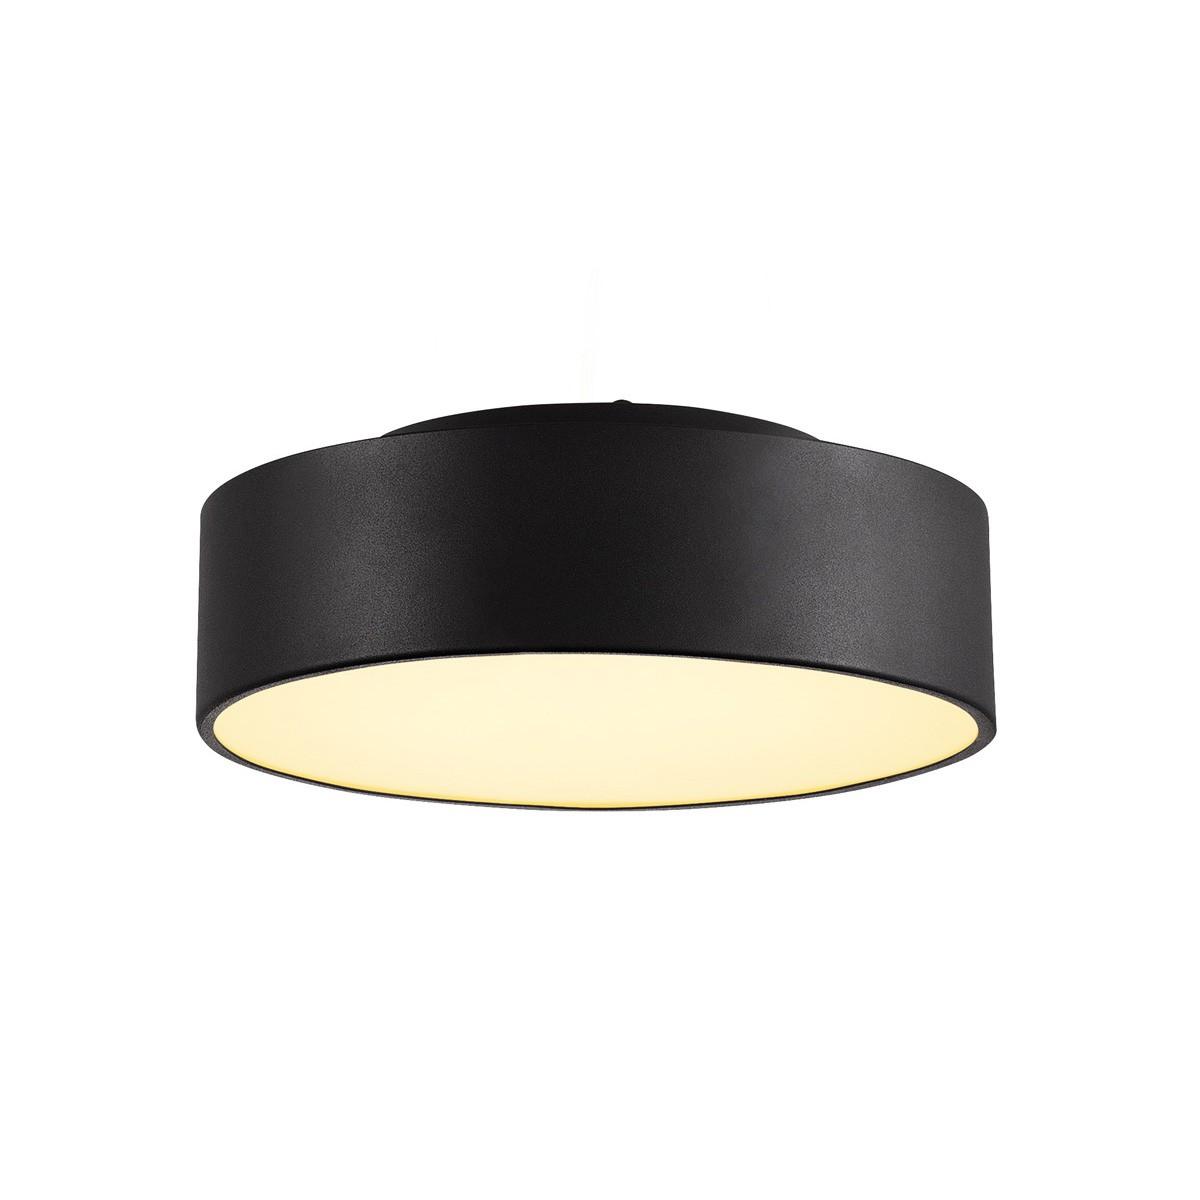 slv medo 30 led deckenleuchte schwarz 12w 3000k optional abpendelbar 135020. Black Bedroom Furniture Sets. Home Design Ideas